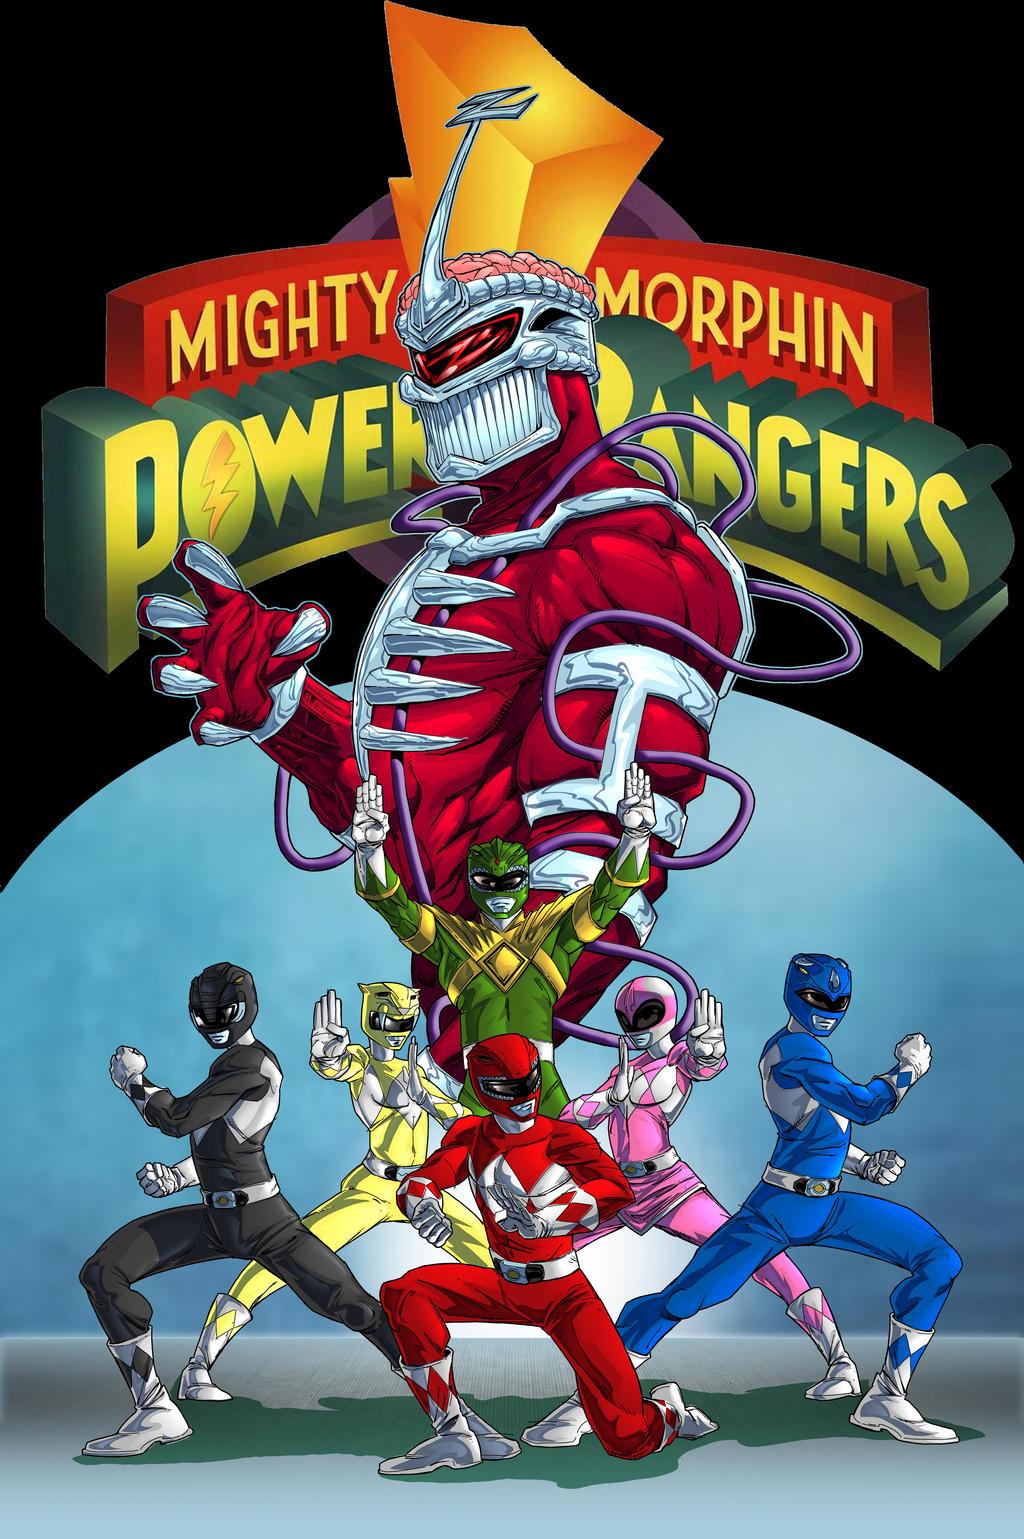 Power Rangers Wallpaper For Bedroom Power Rangers Wallpaper X Power Rangers Bathroom Kitchen